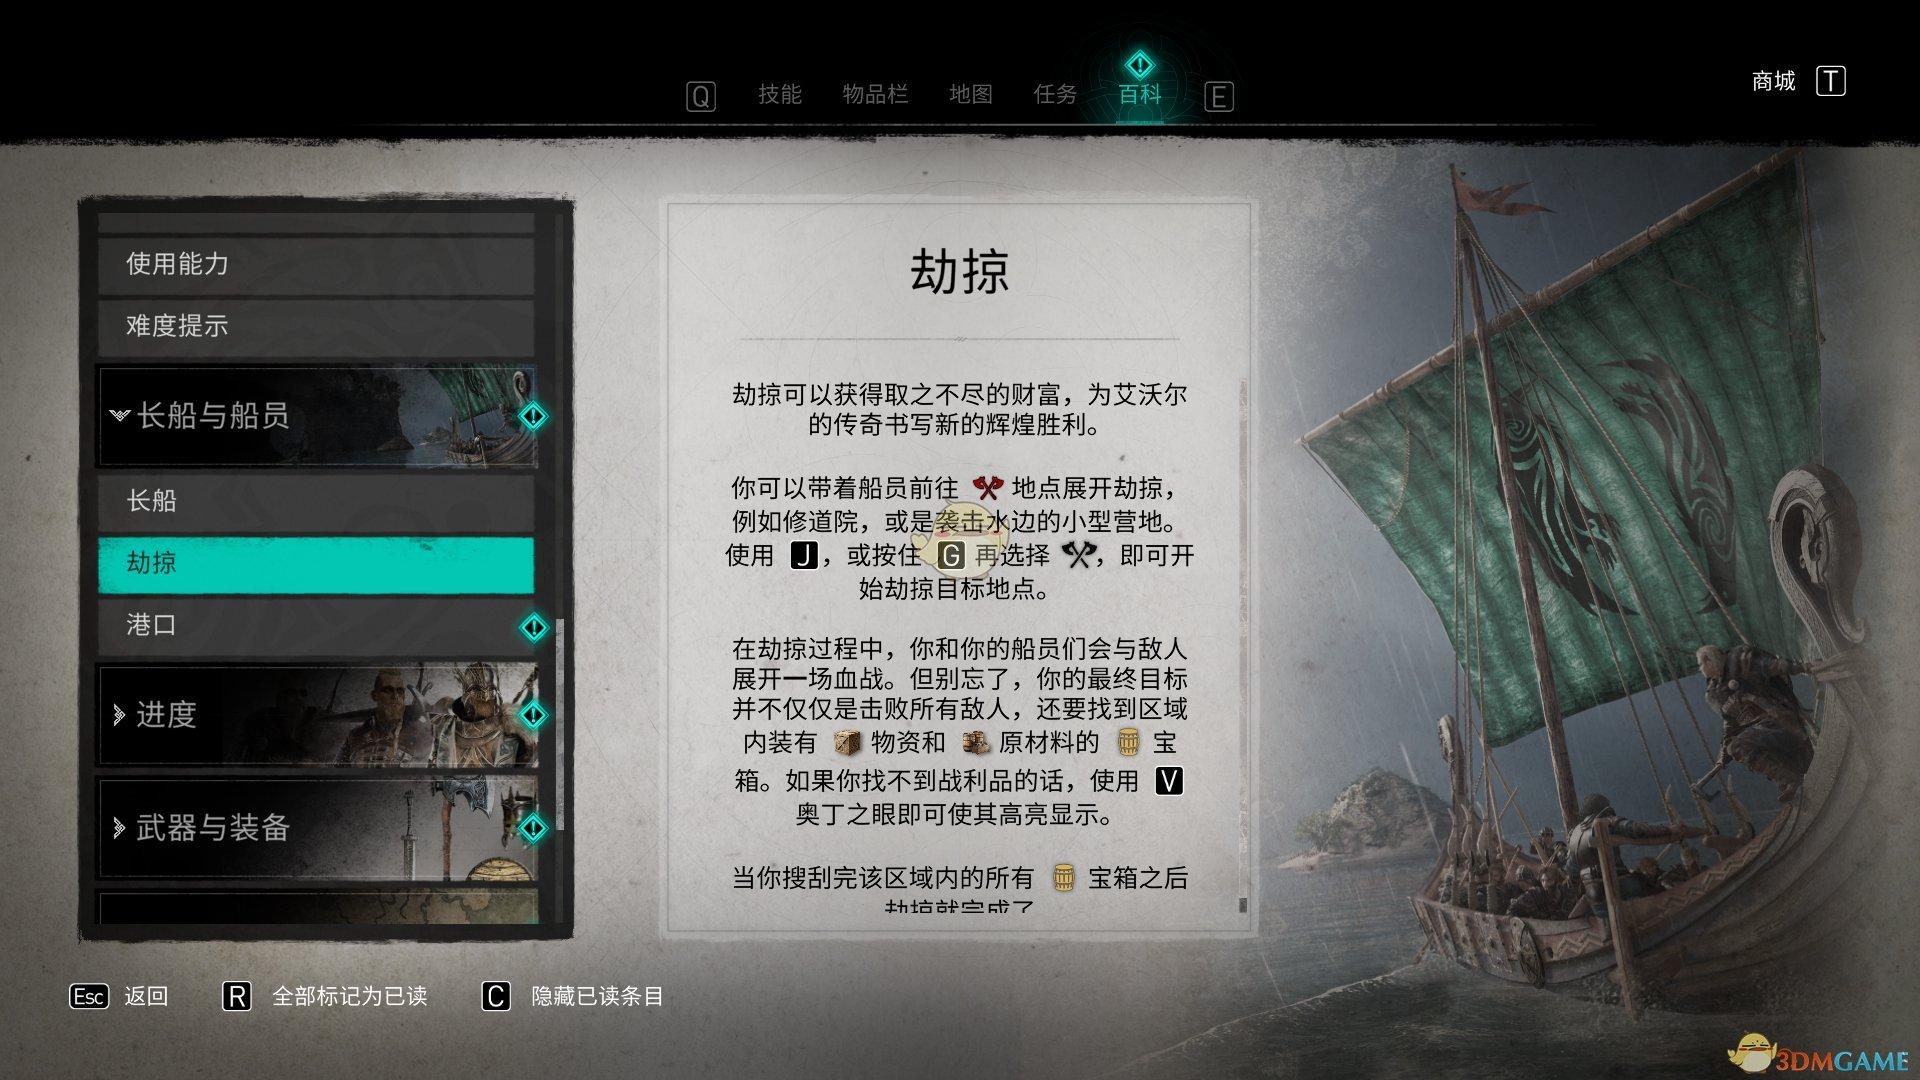 《刺客信条:英灵殿》劫掠系统介绍